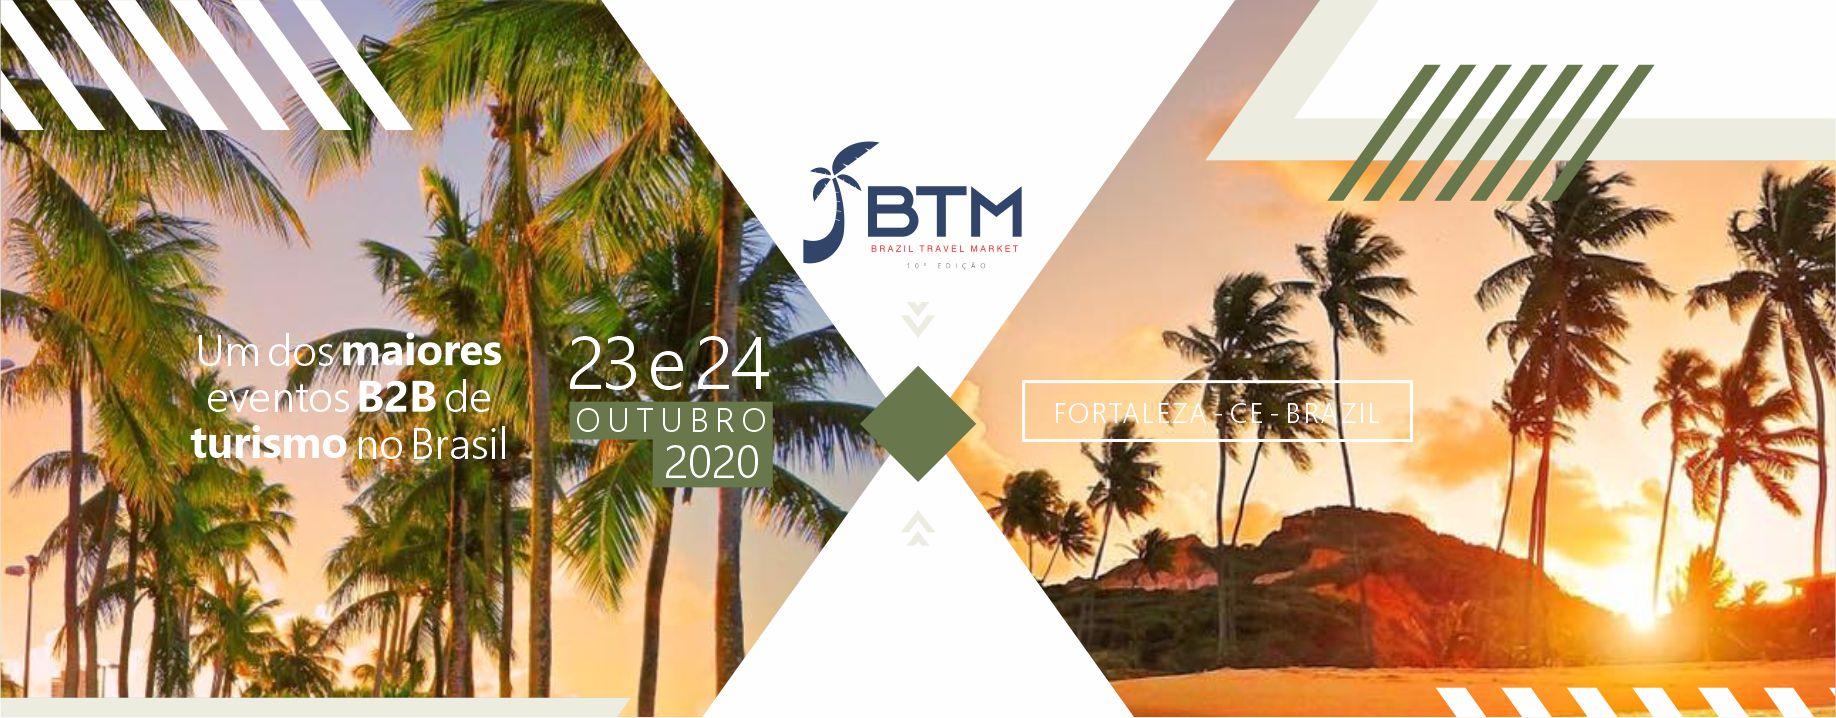 Enquanto isso, nos dias 23 e 24 de outubro em Fortaleza, acontece o maior feira de turismo do Norte/Nordeste do Brasil, com a presença maciça do trade de turismo nacional e internacional.